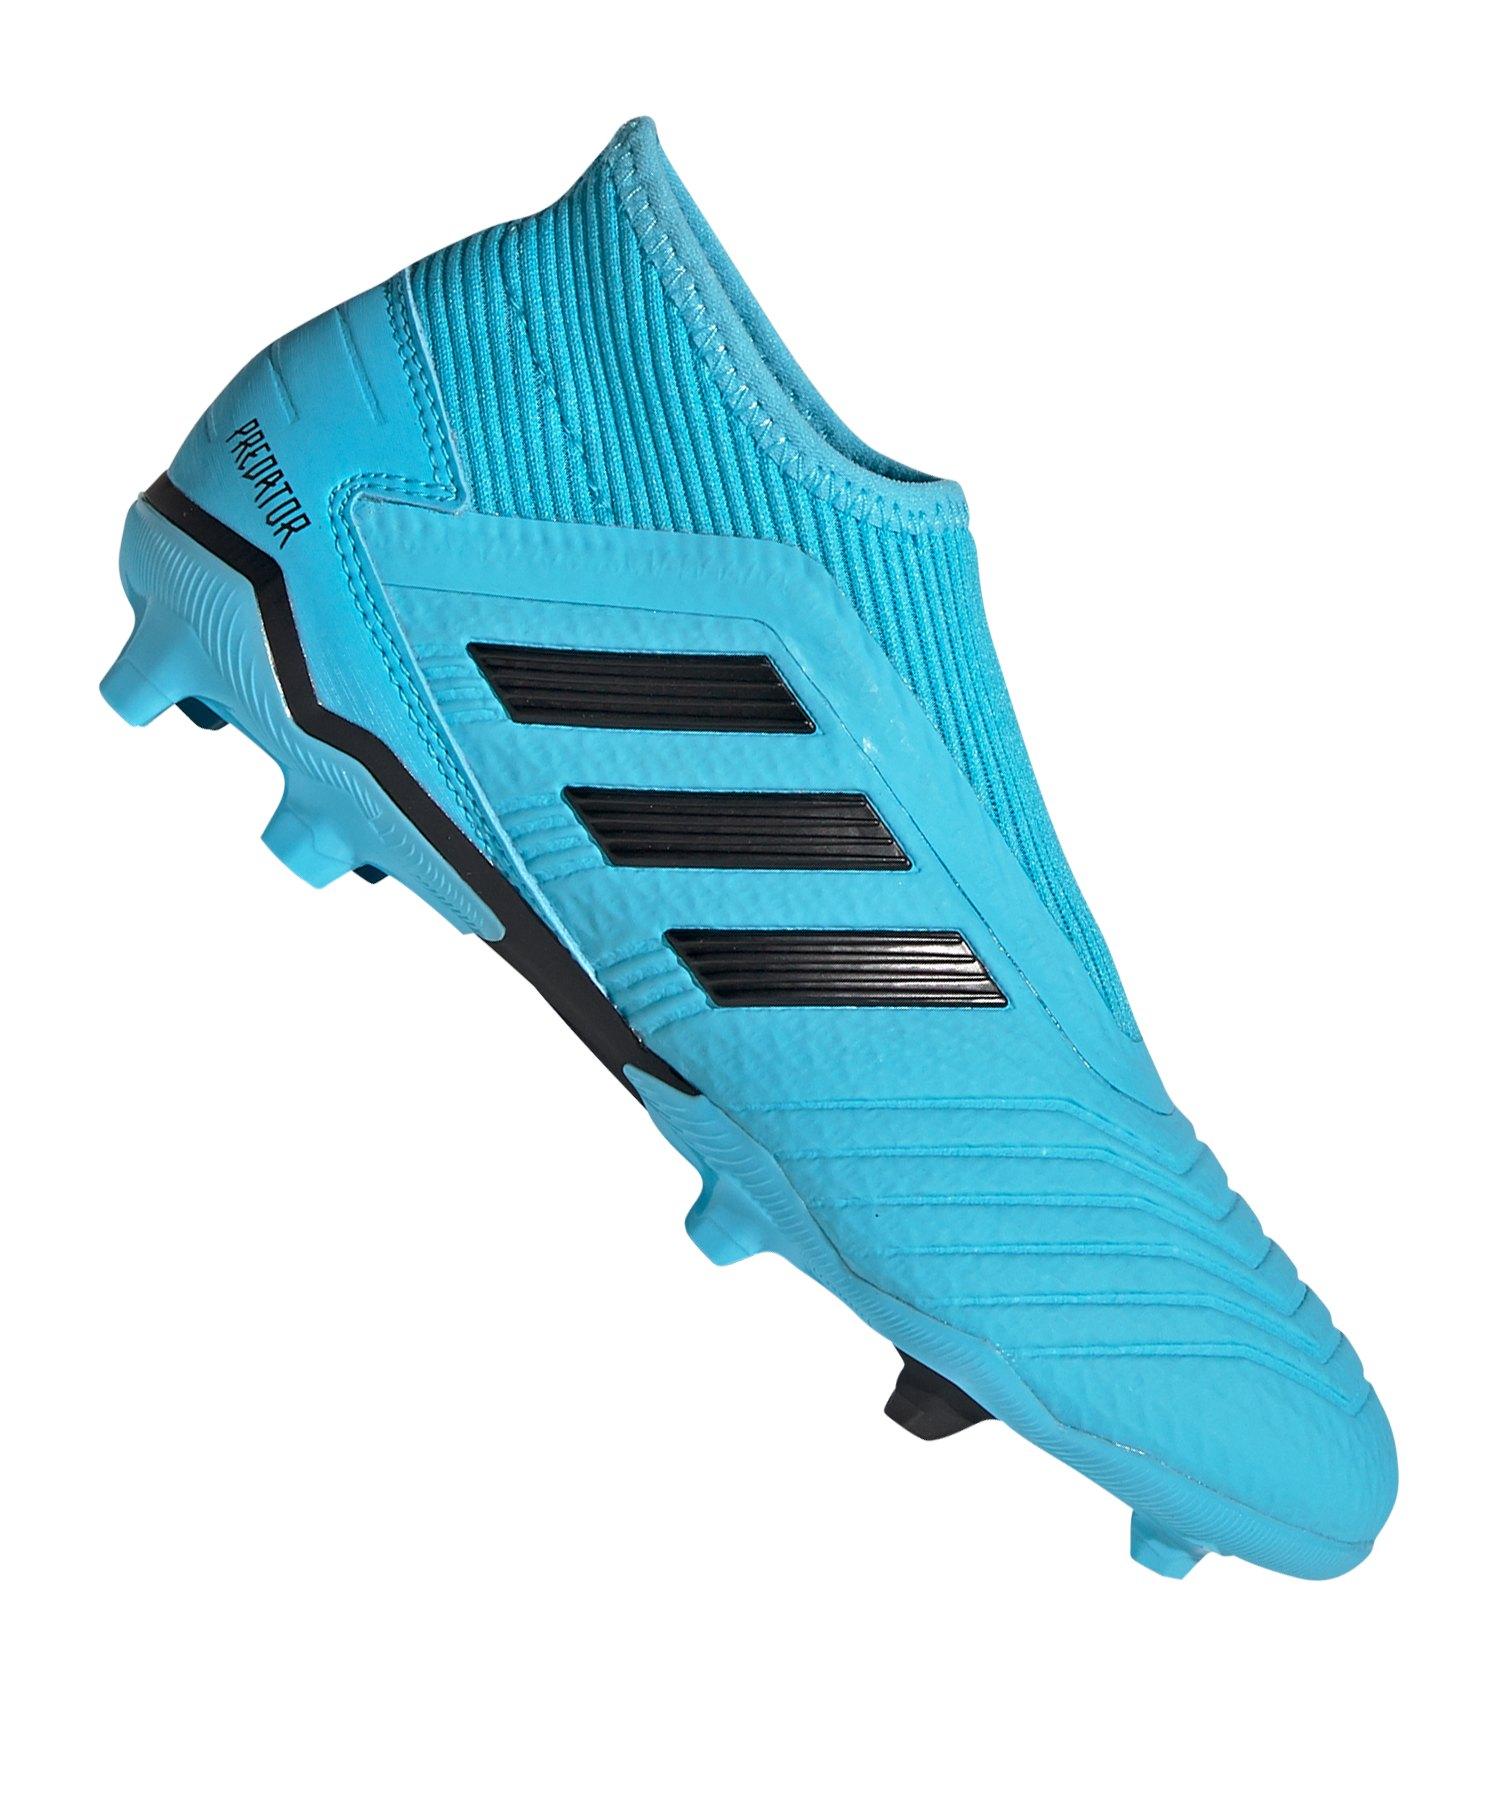 adidas Predator 19.3 LL FG Kids Blau Schwarz - blau